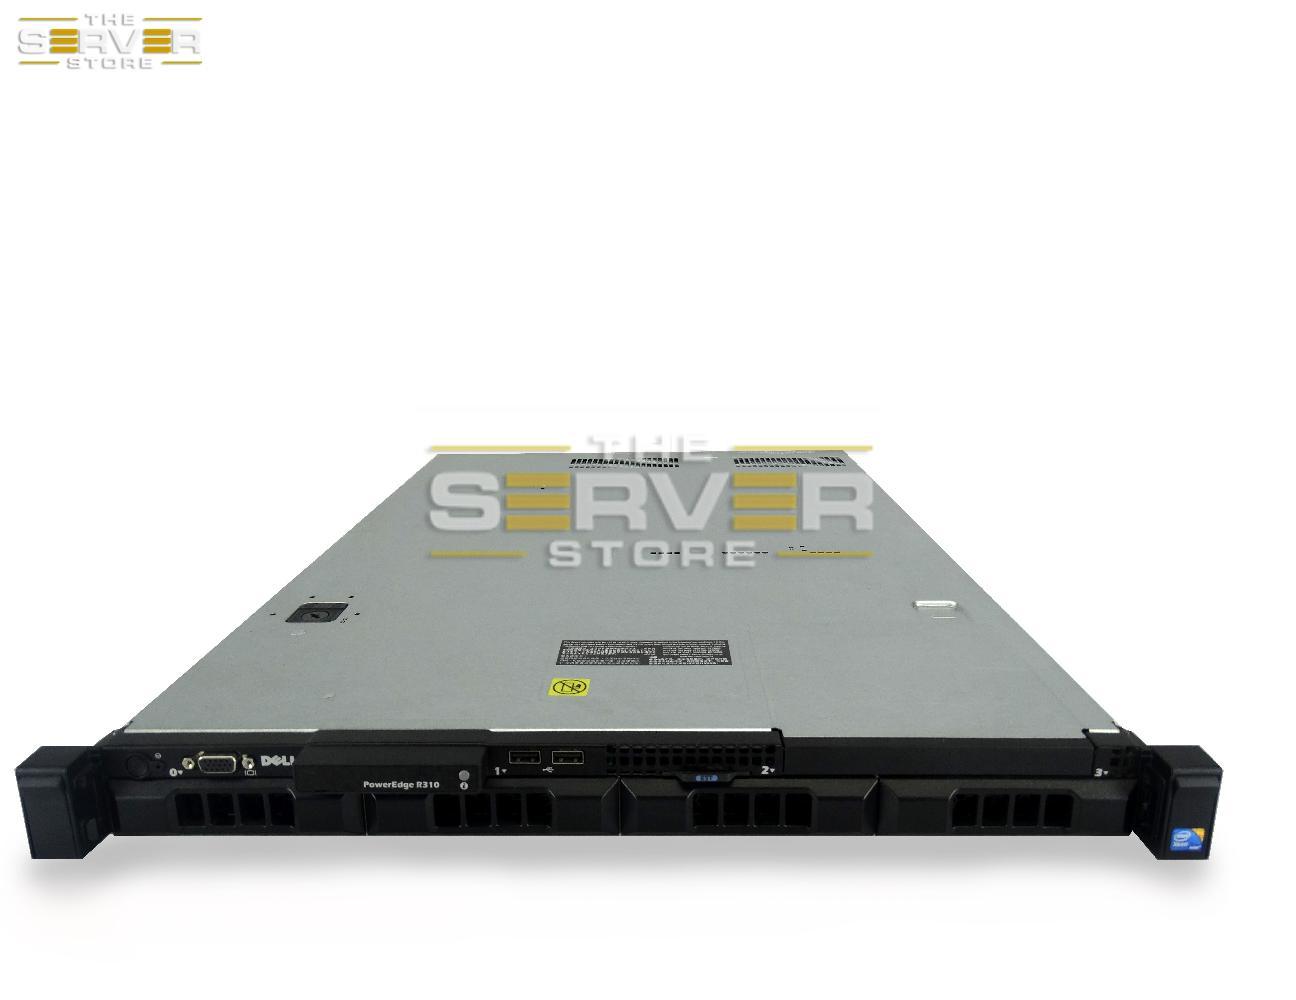 Dell PowerEdge R310 Non-Pluggable 4x LFF 1U Server